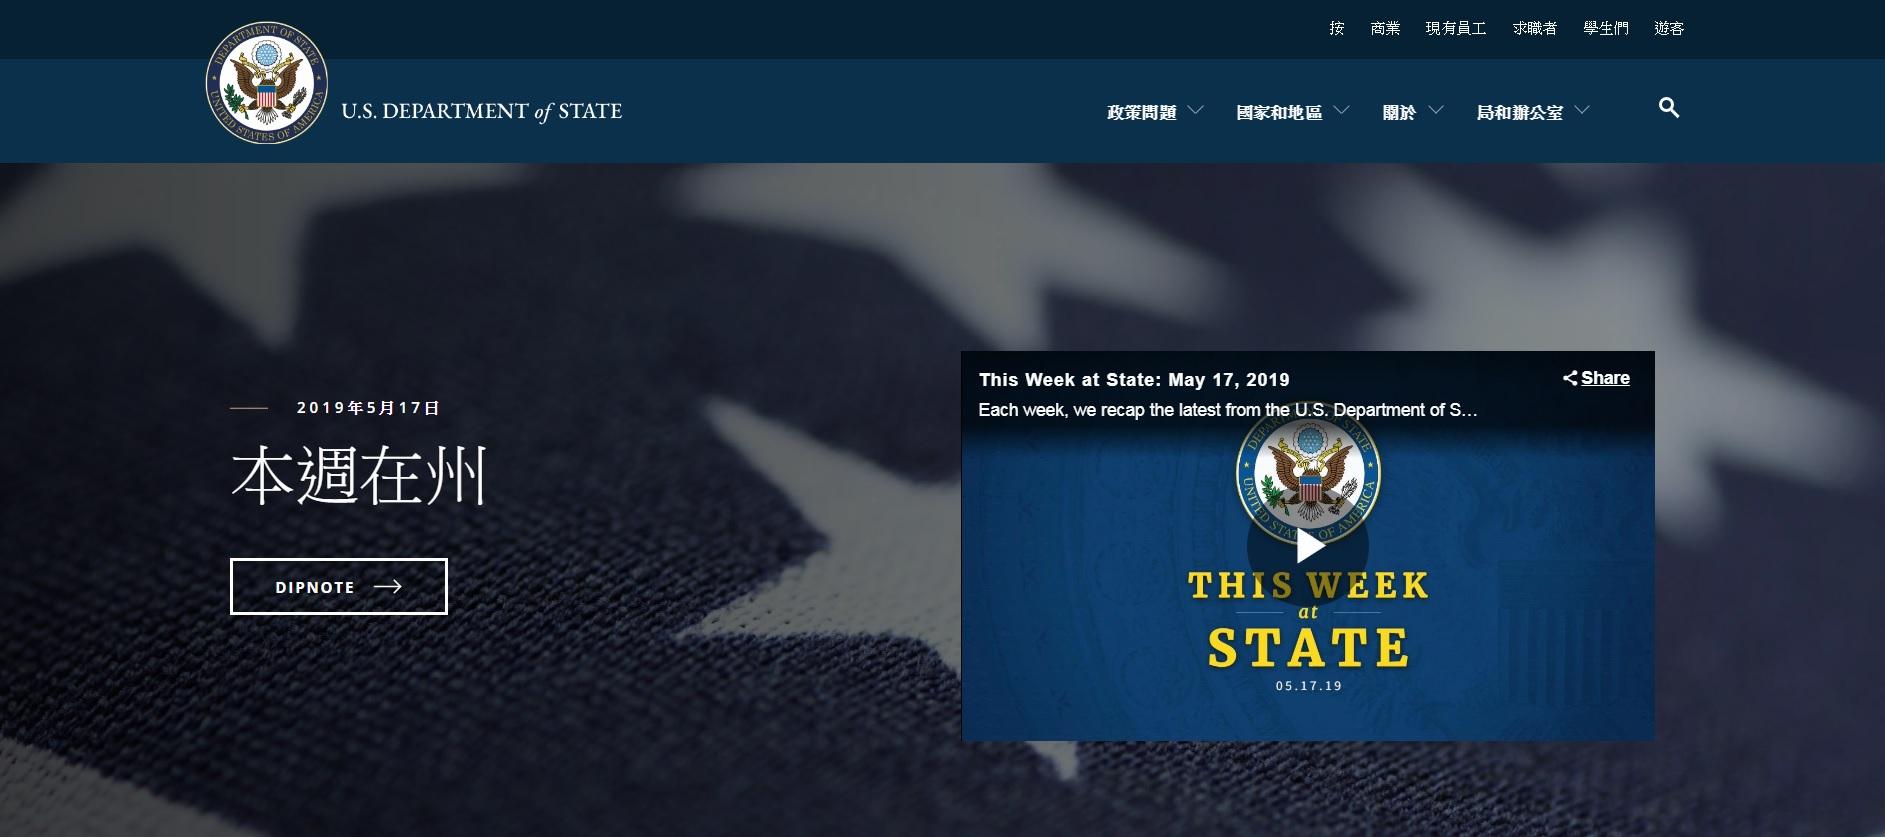 美國官方網站:https://www.state.gov/